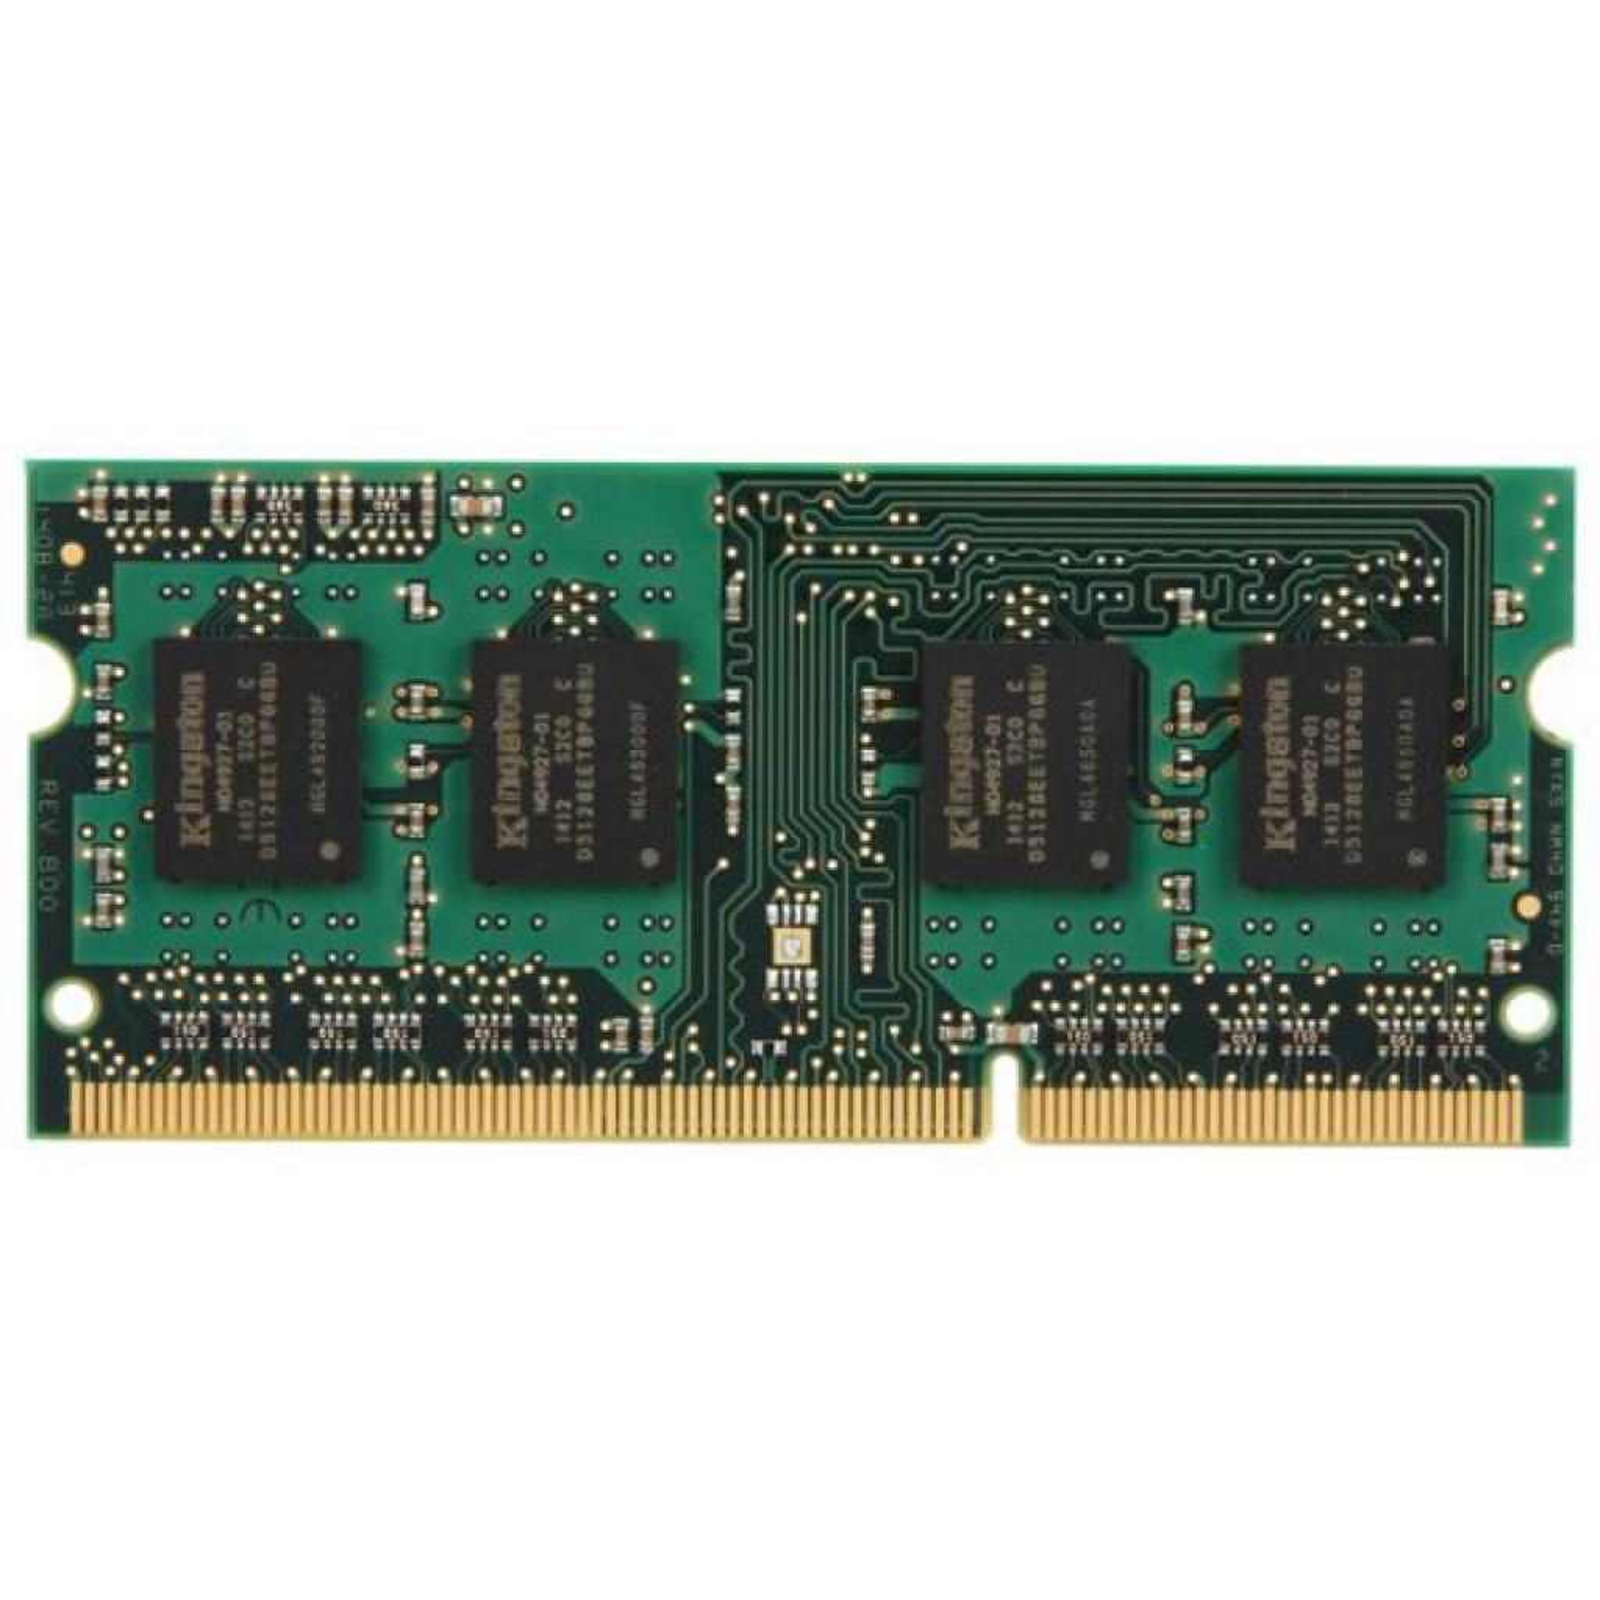 Модуль памяти для ноутбука SoDIMM DDR3 4GB 1600 MHz Kingston (KTA-MB1600L/4G) изображение 2